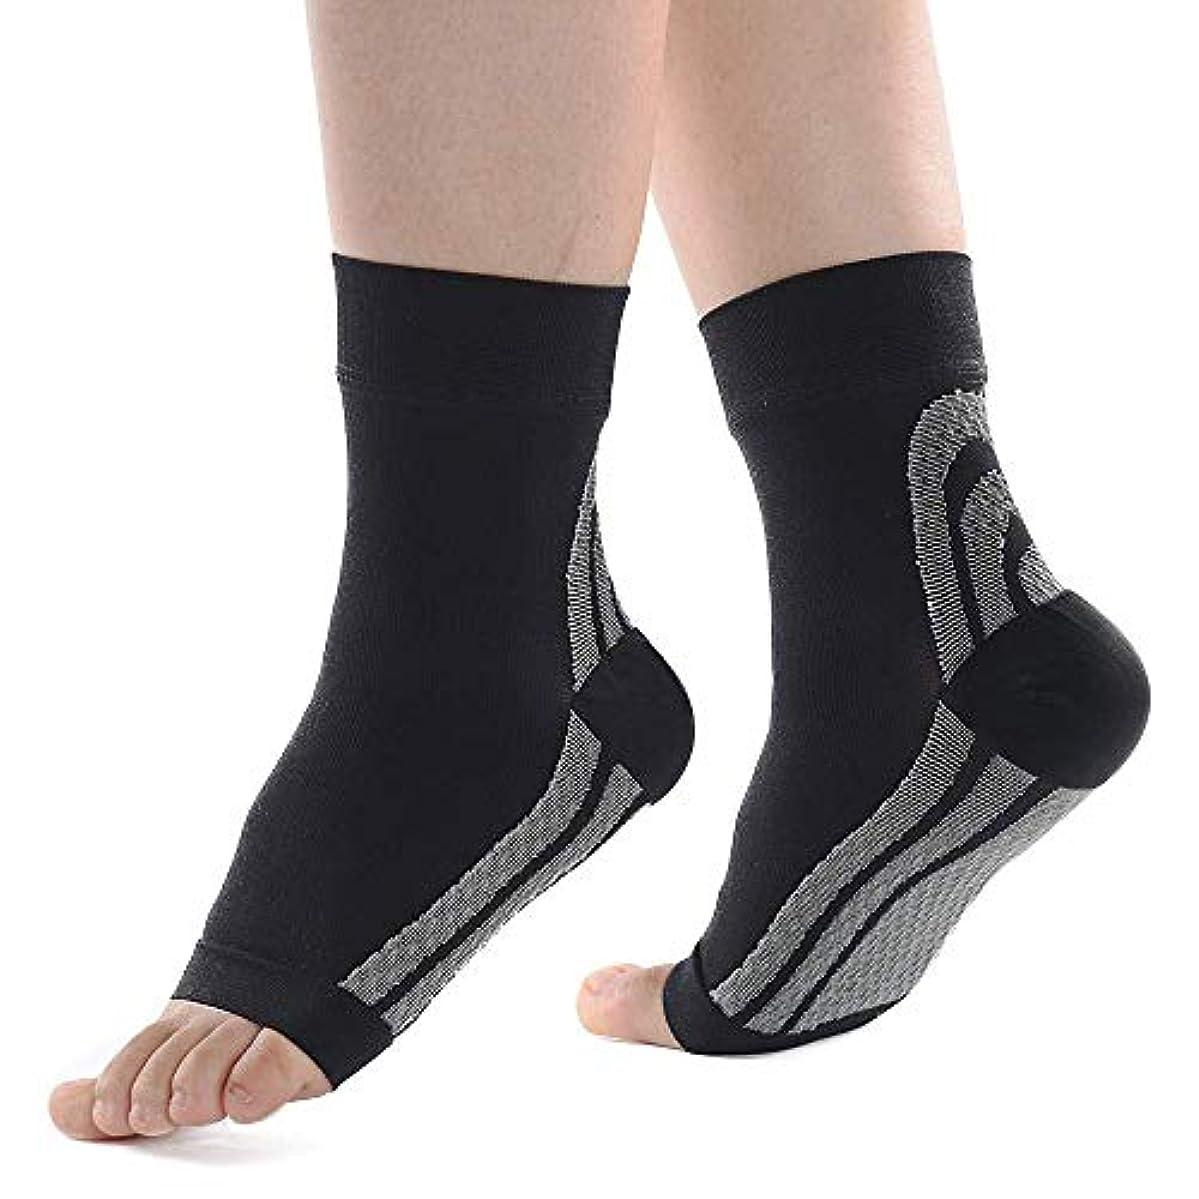 社員弱点瞬時に扁平足 サポーター 足底筋膜炎 矯正 アーチサポーター 土踏まず 疲れを軽減 2枚入り